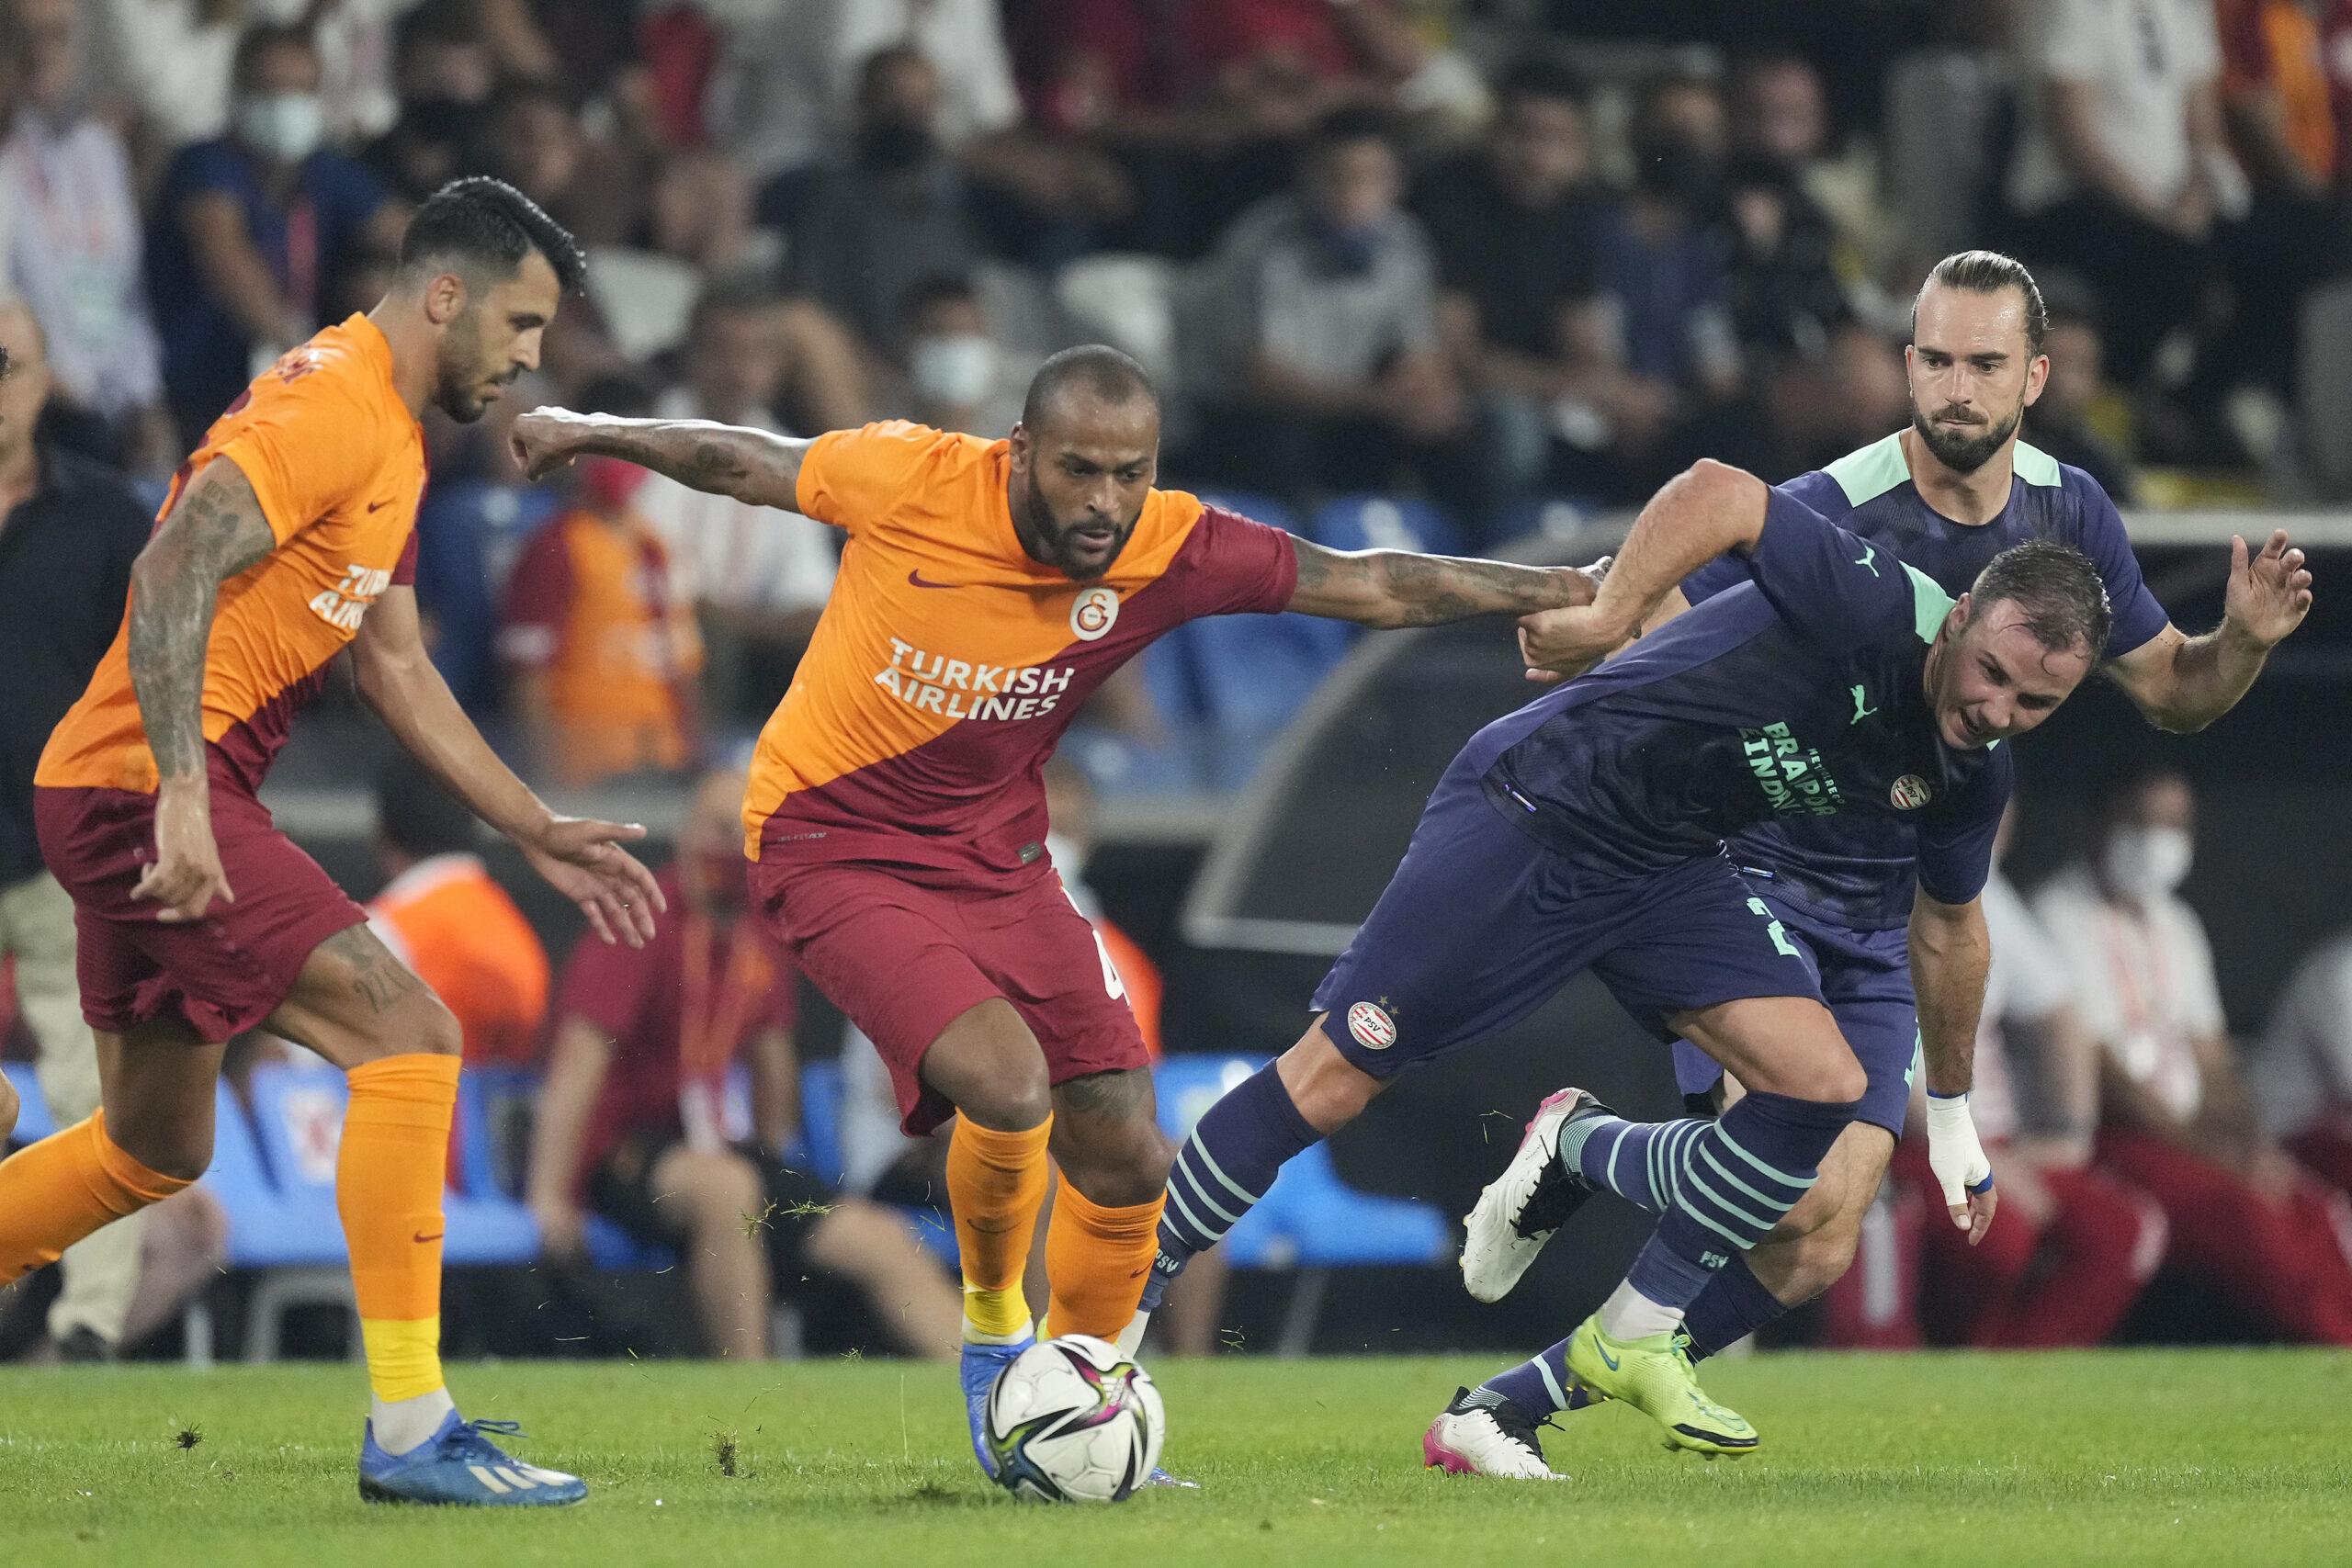 Pronostici Europa League, tre consigli per l'andata del 3° turno di qualificazione